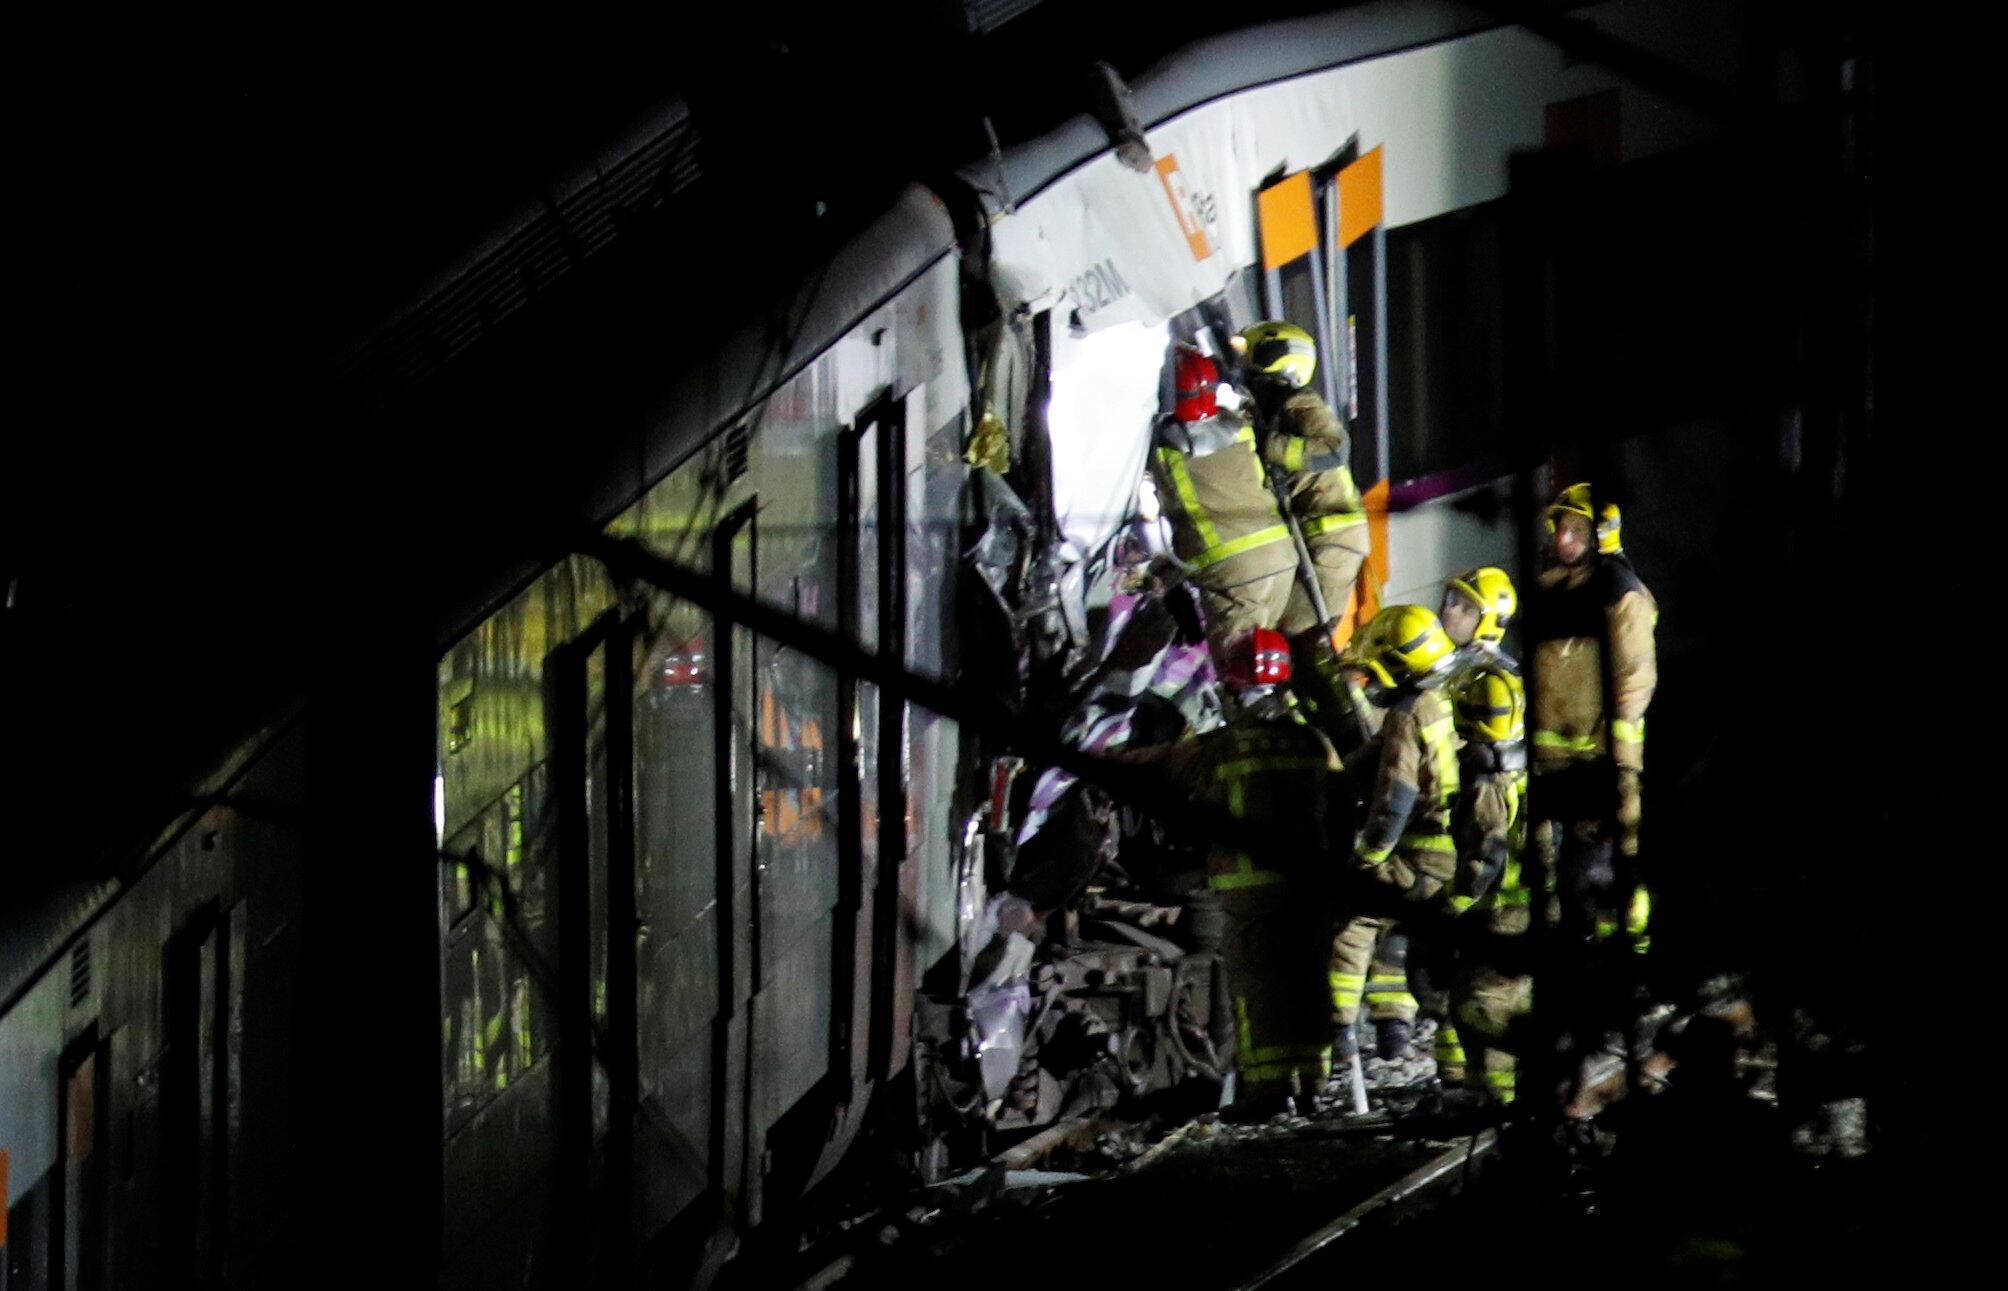 Equipes de socorro retiram feridos após colisão de trens entre Manresa e Sant Vicenç de Castellet